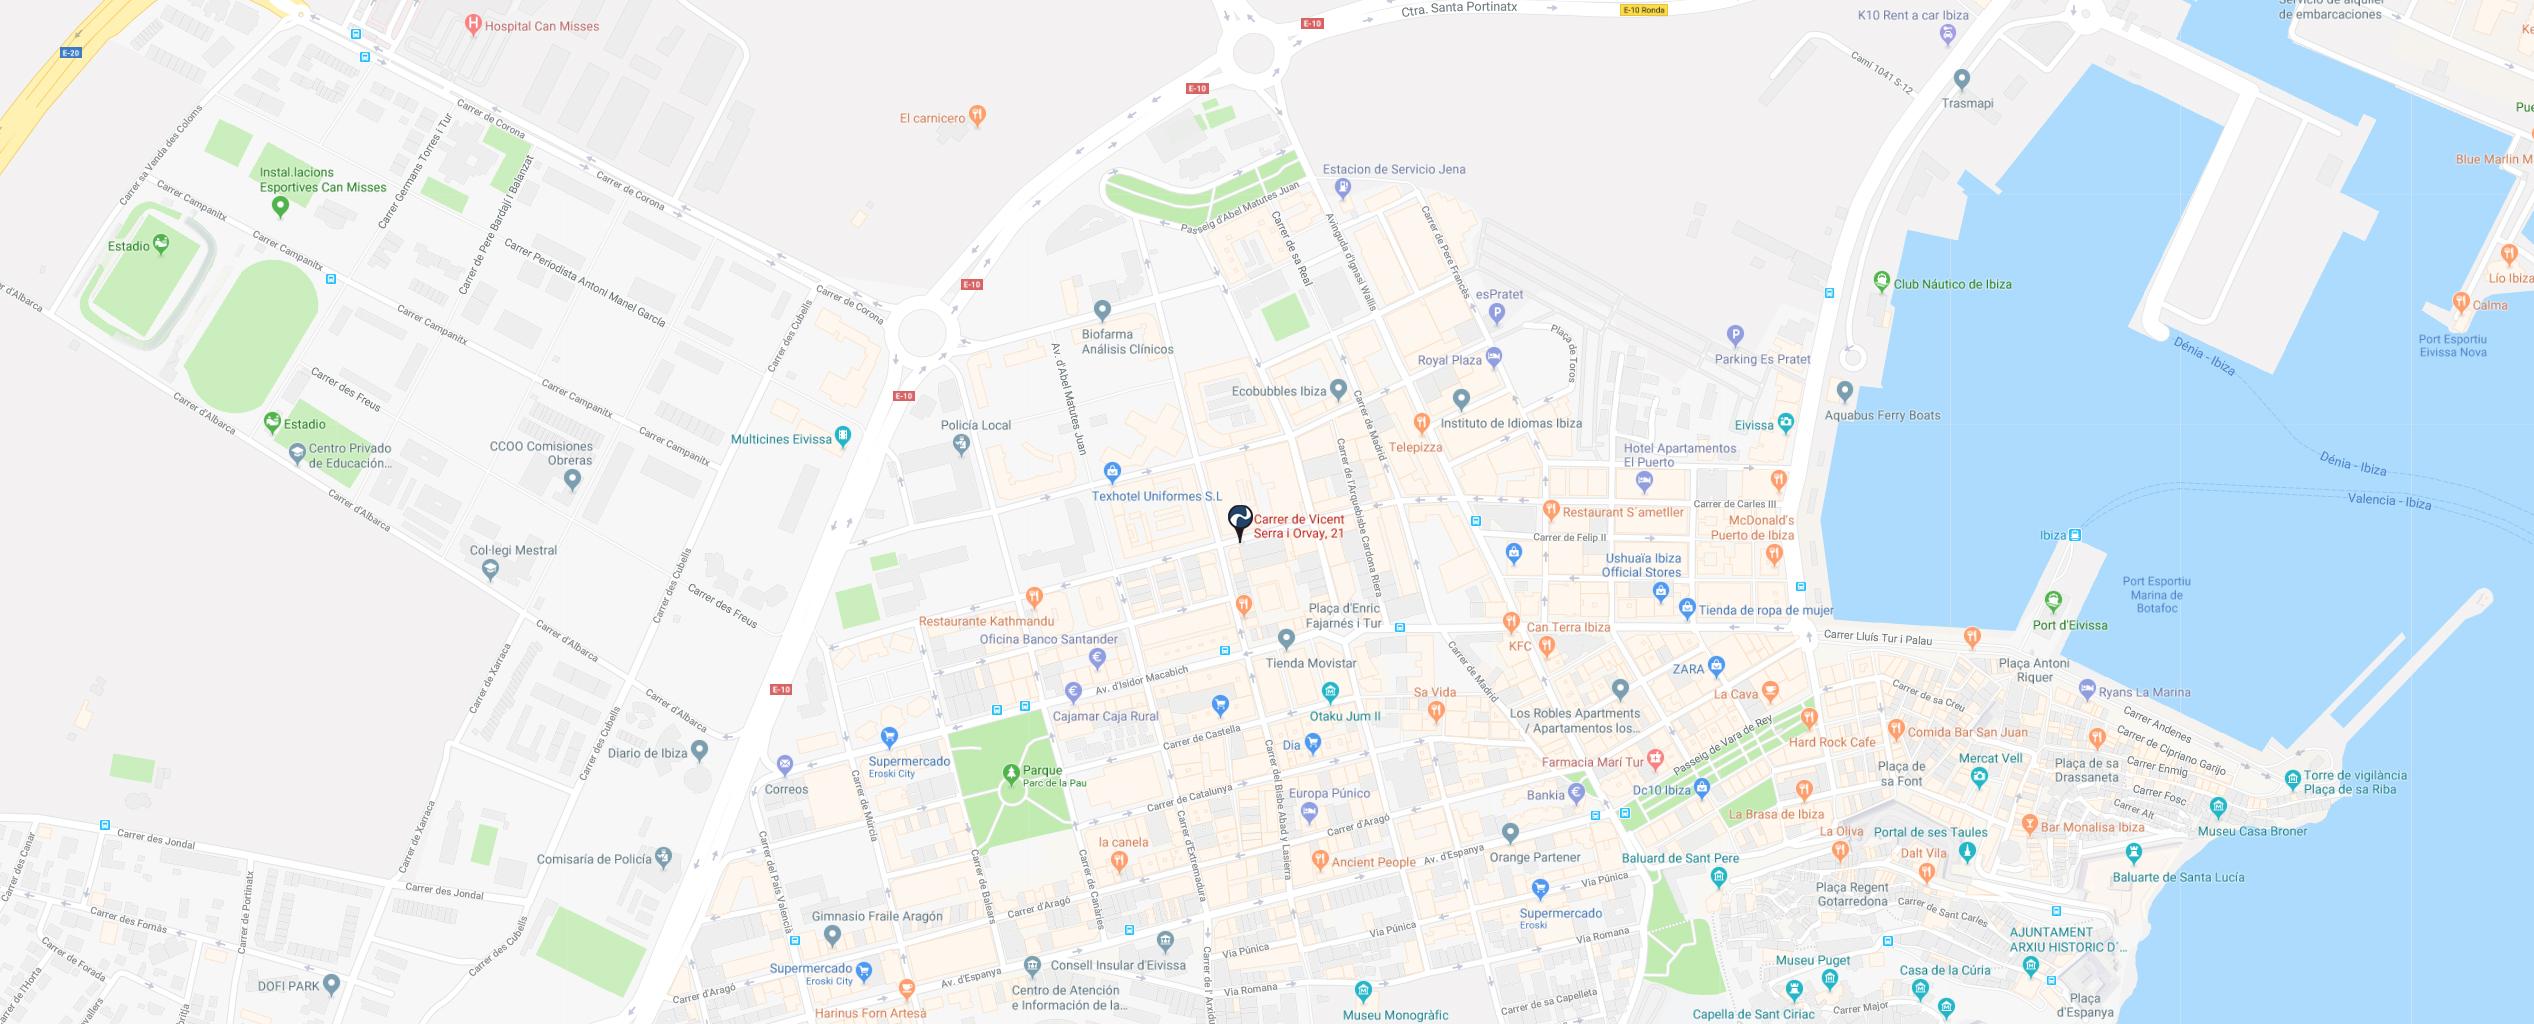 mapa-google-ibiza-laundry